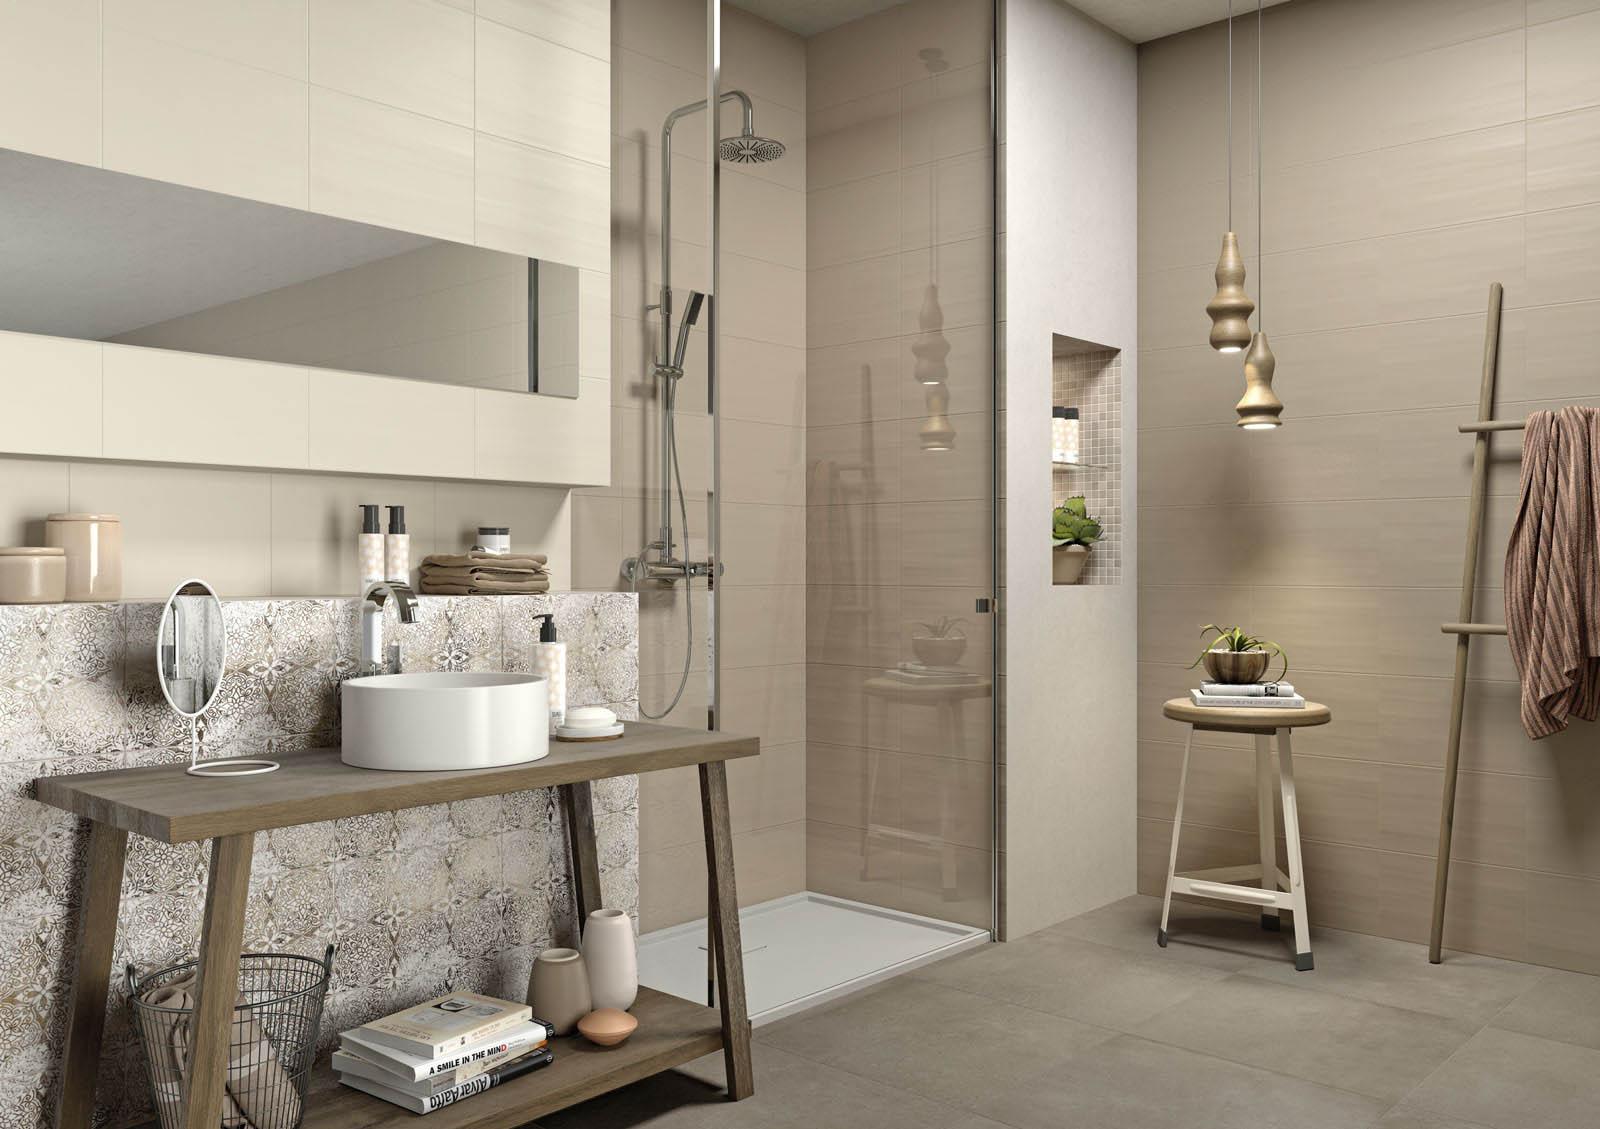 Rivestimento bagno chroma neutral marazzi - Idee rivestimento bagno ...